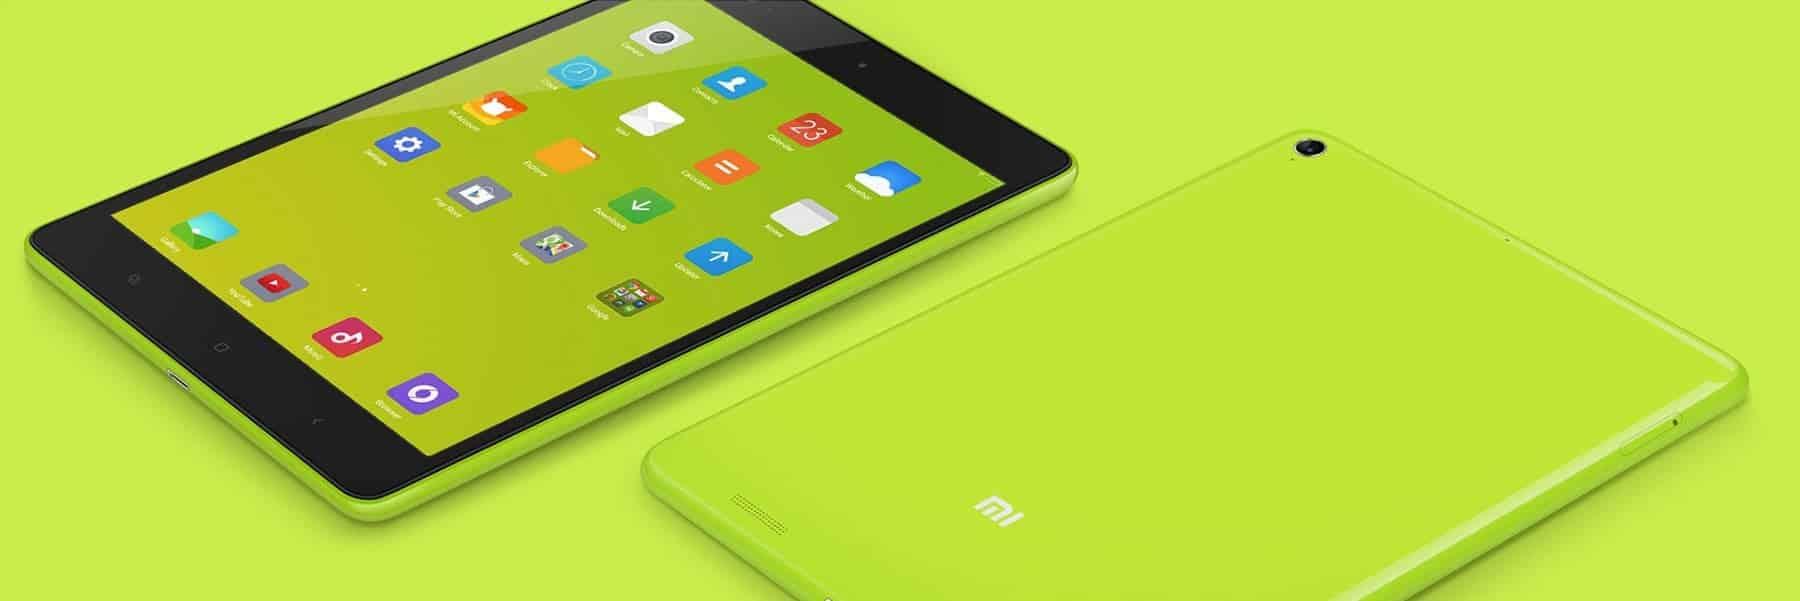 XiaoMi Mi Pad 64GB